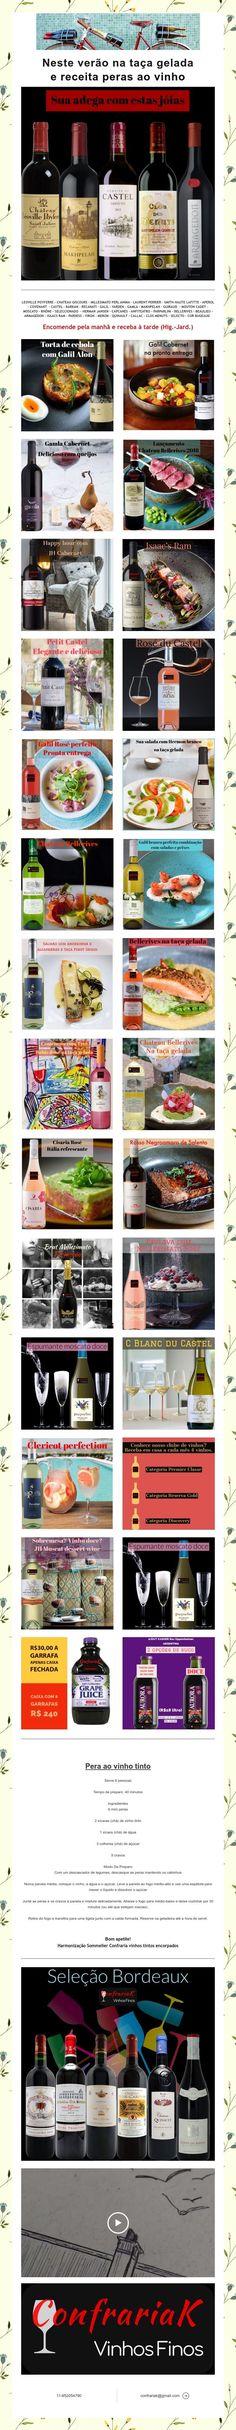 Neste verão na taça gelada e receita peras ao vinho Wine Pairings, Recipes